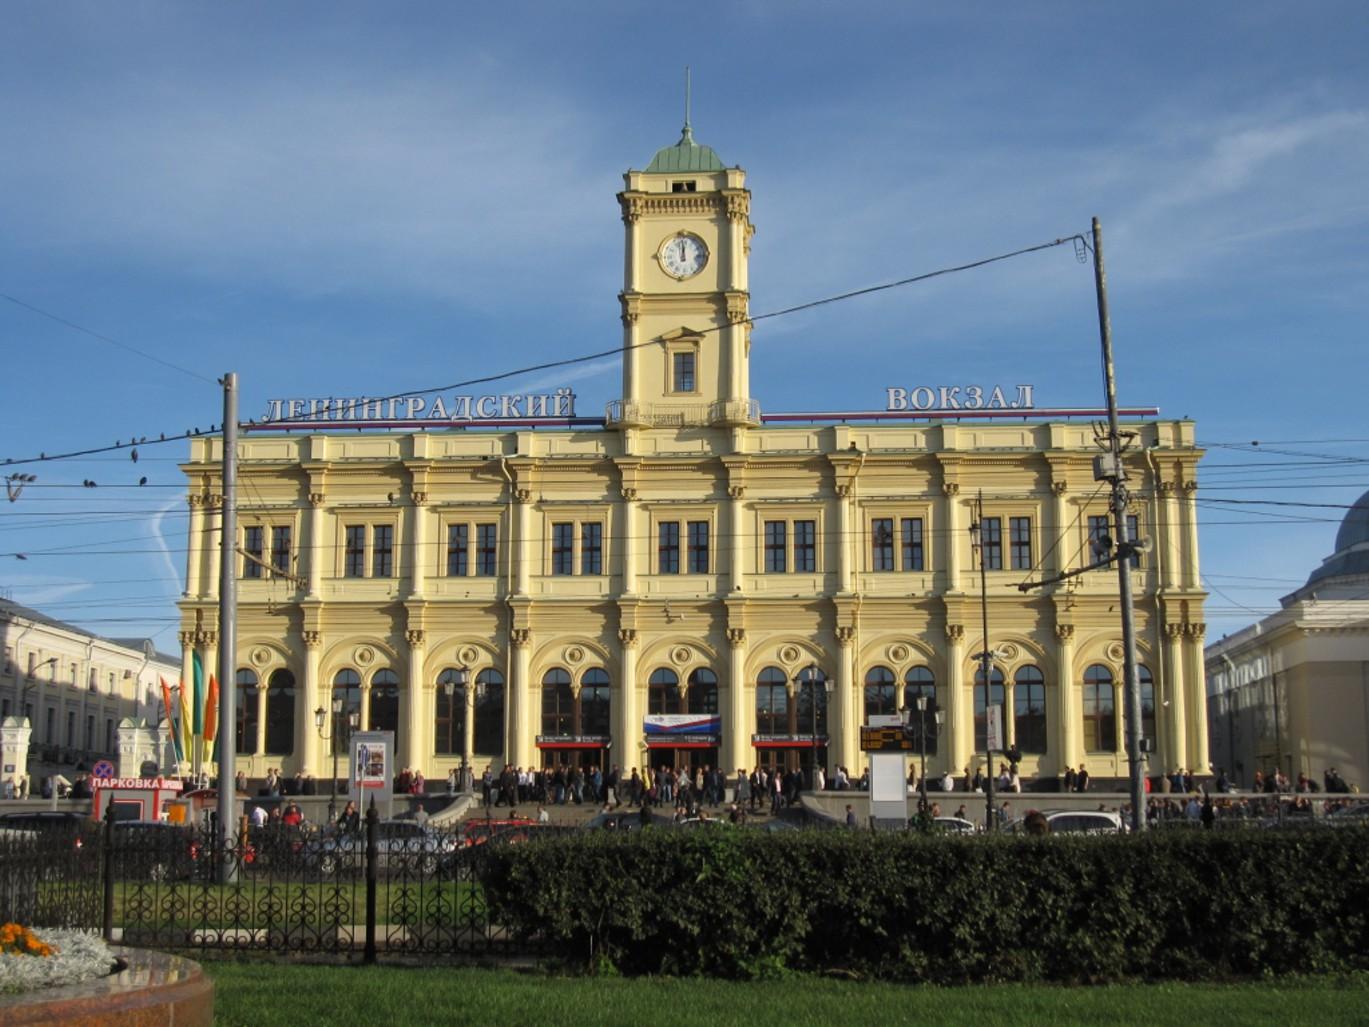 Ленинградский вокзал Москвы: адрес, телефоны и услуги